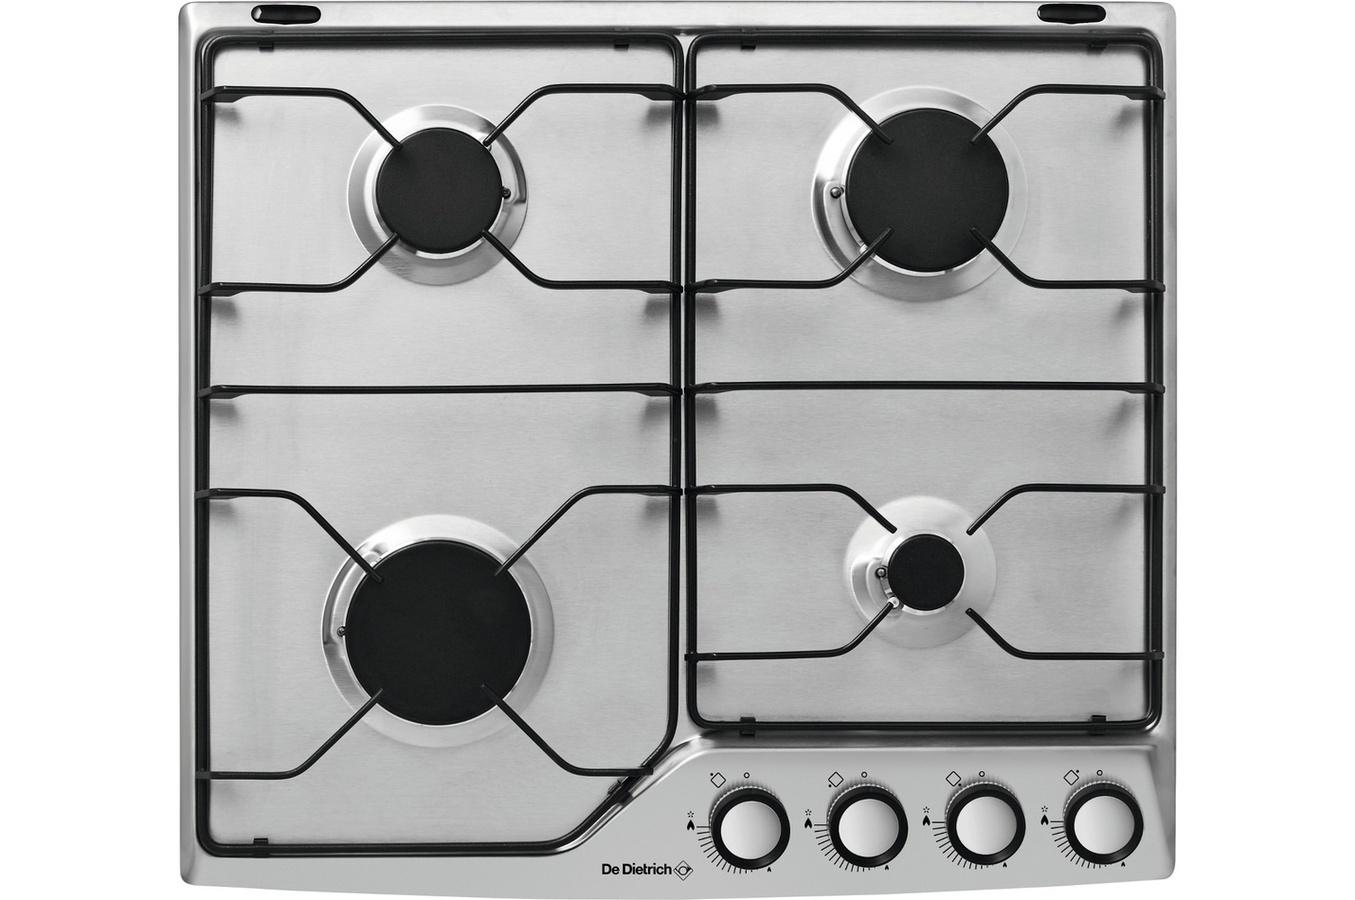 Achat Plaque Induction Pas Cher de dietrich electroménager four plaque hotte lave vaisselle